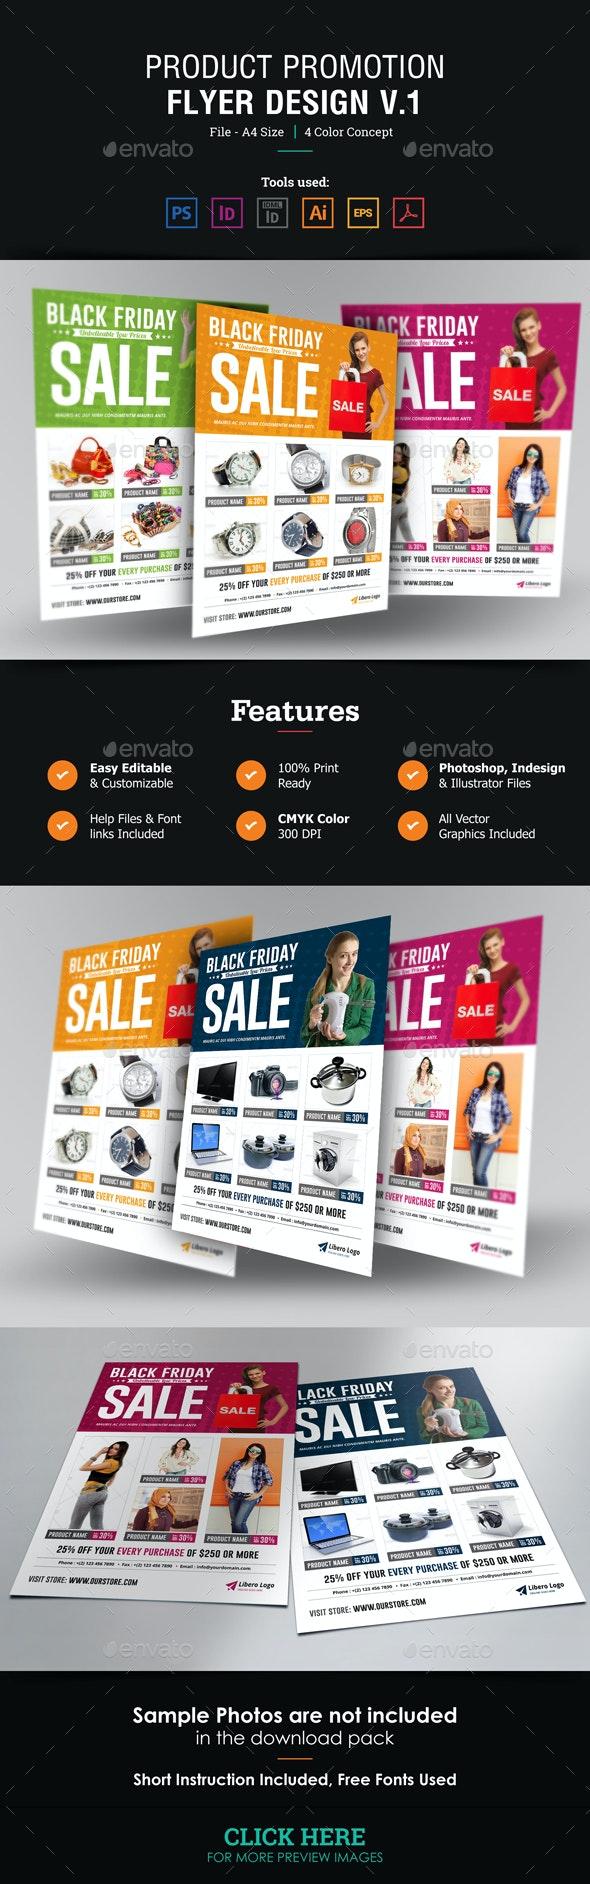 Product Promotion Flyer Design v1 - Commerce Flyers